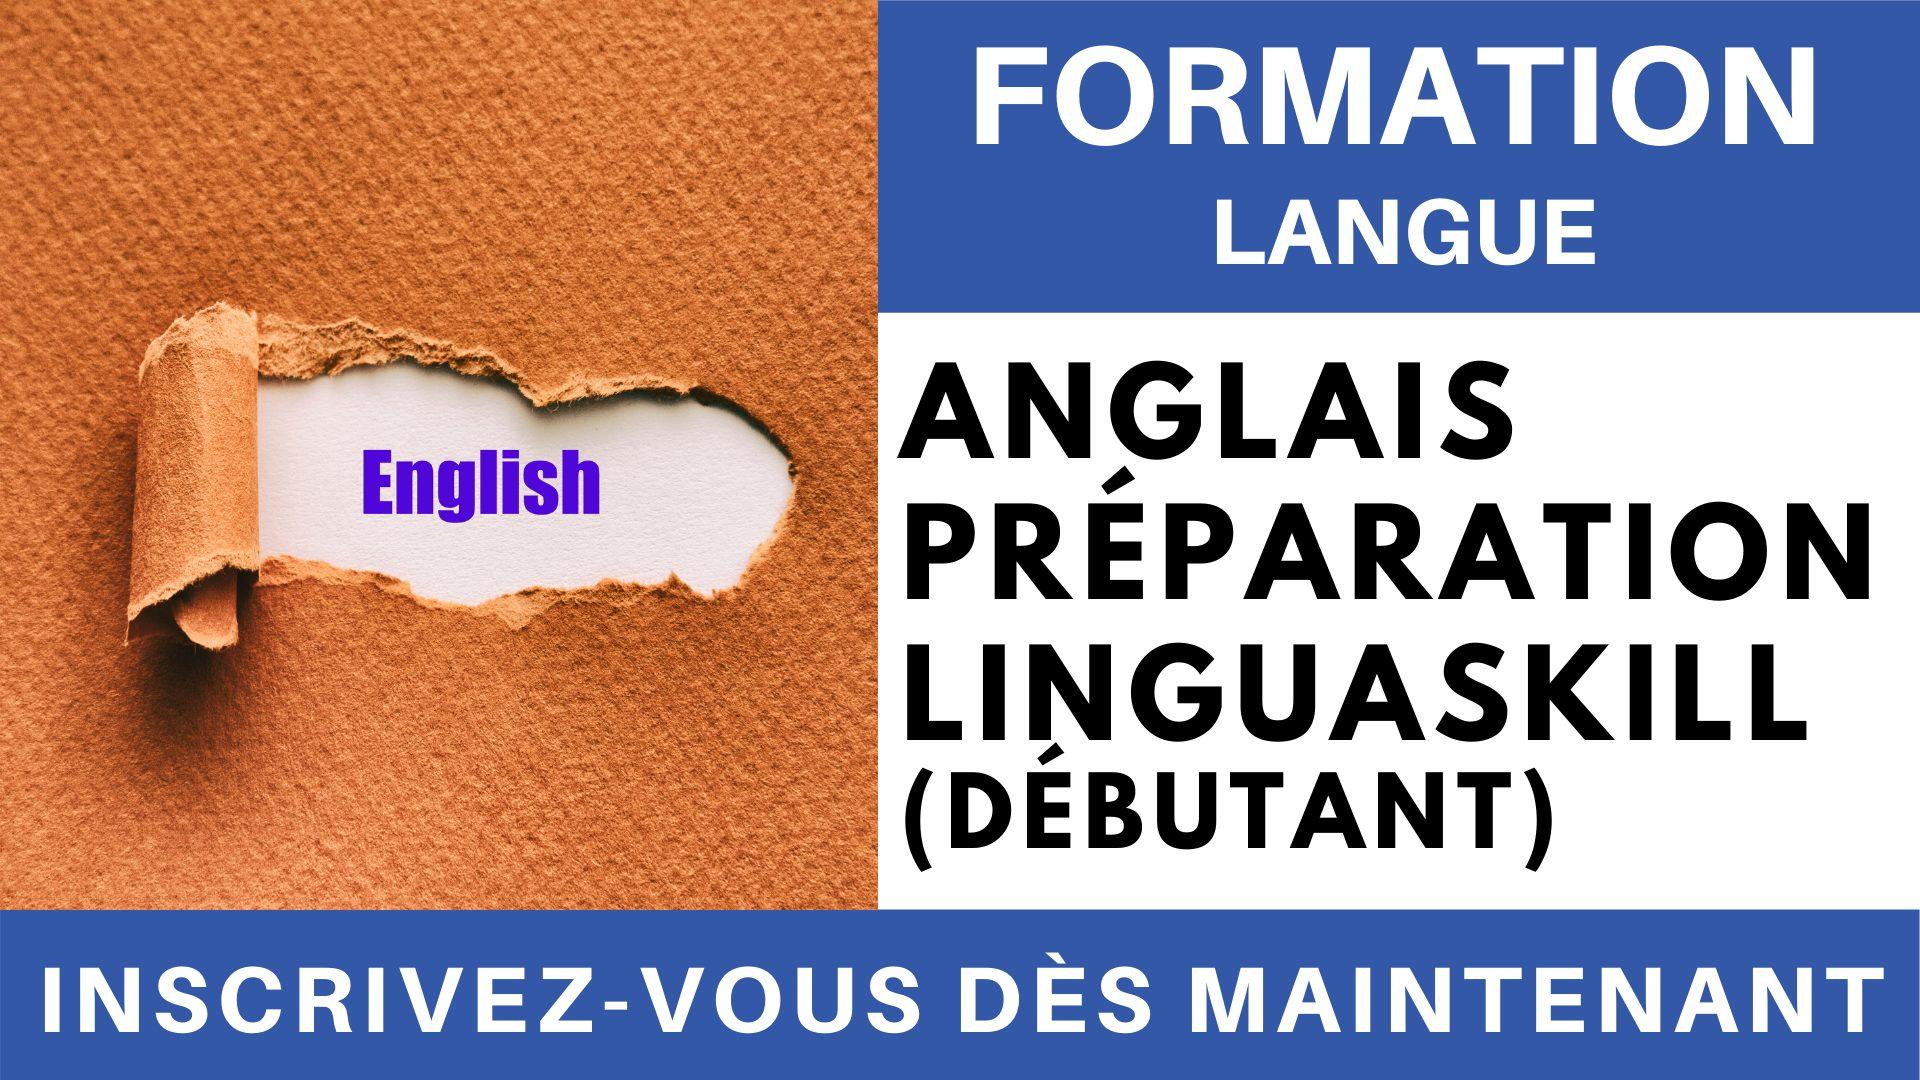 Formation Langue - Anglais Préparation LINGUASKILL Général - Niveau débutant